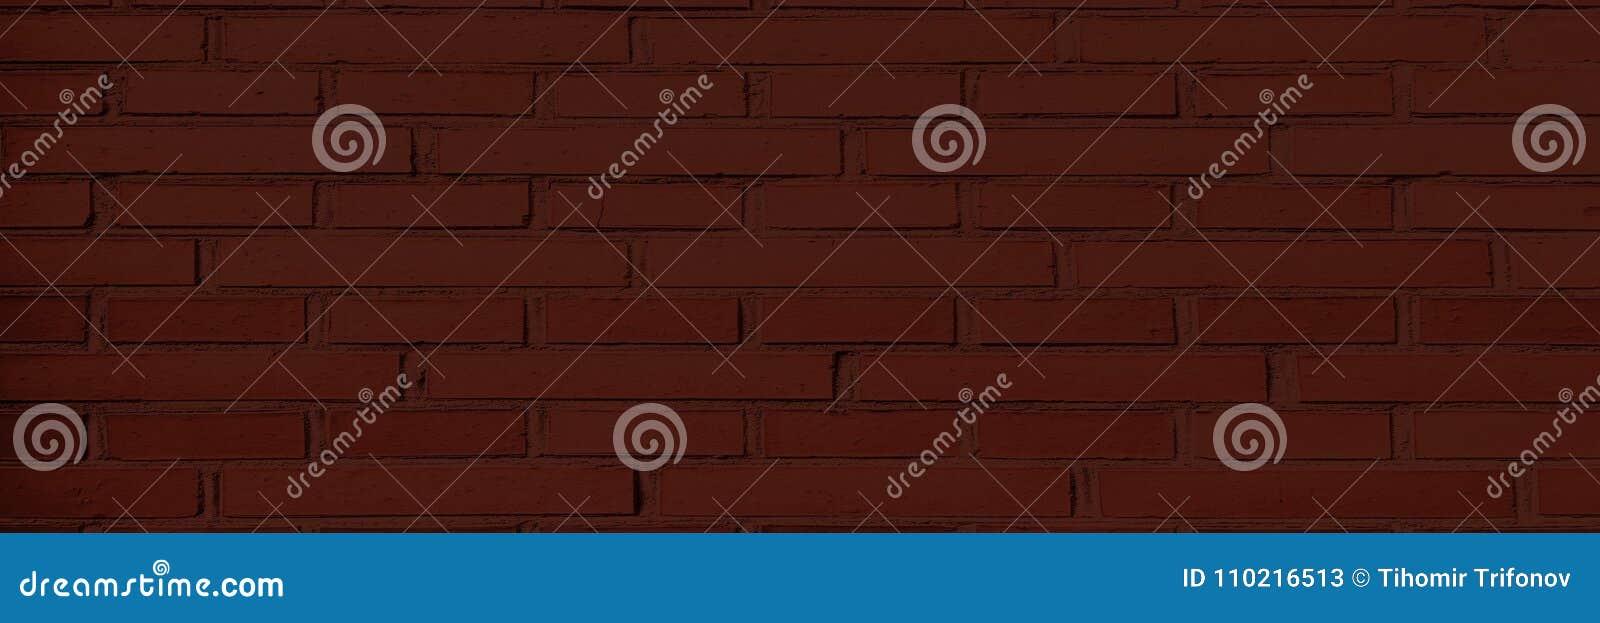 Красная кирпичная стена, темная предпосылка для дизайна Часть кирпичной стены покрашенной красным цветом пусто